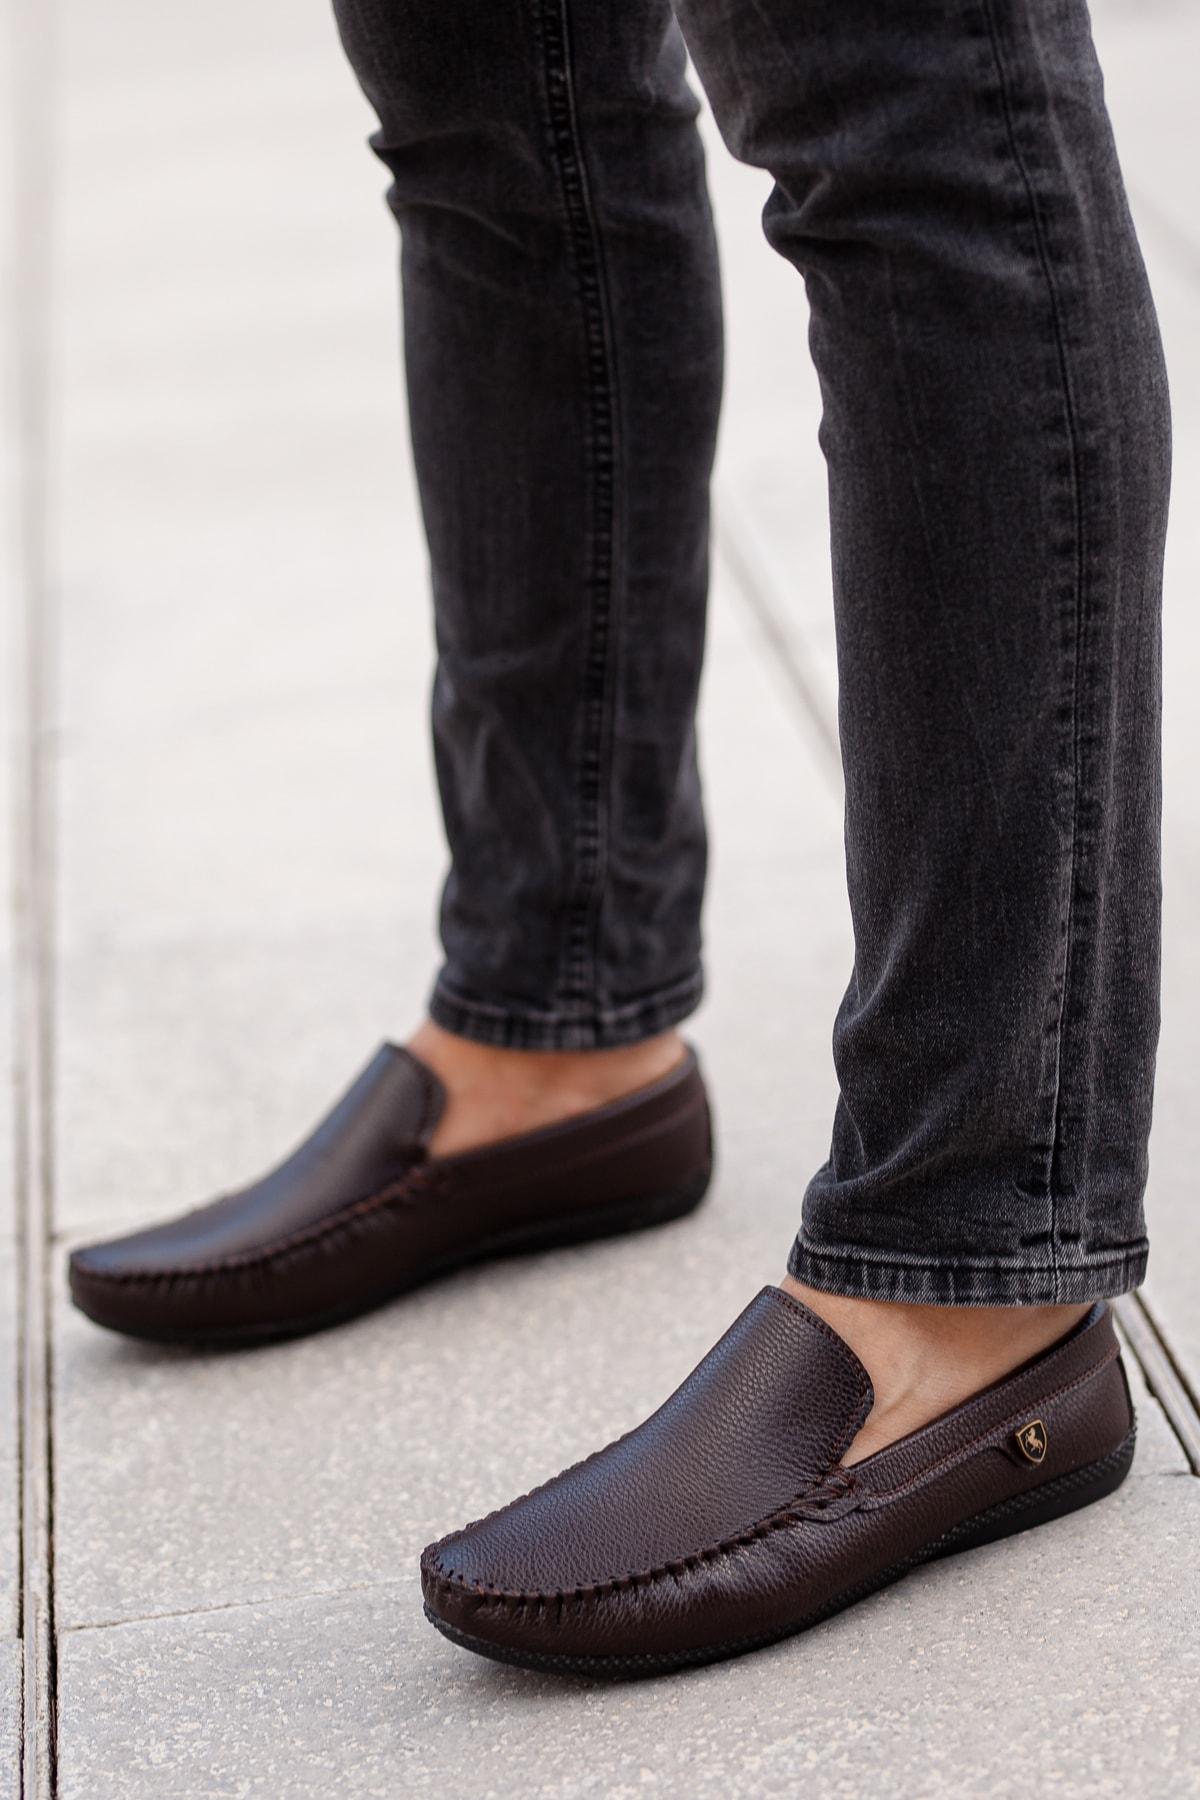 MUGGO Kahverengi Günlük Ayakkabı DPRMGM3473001 Hediye 1